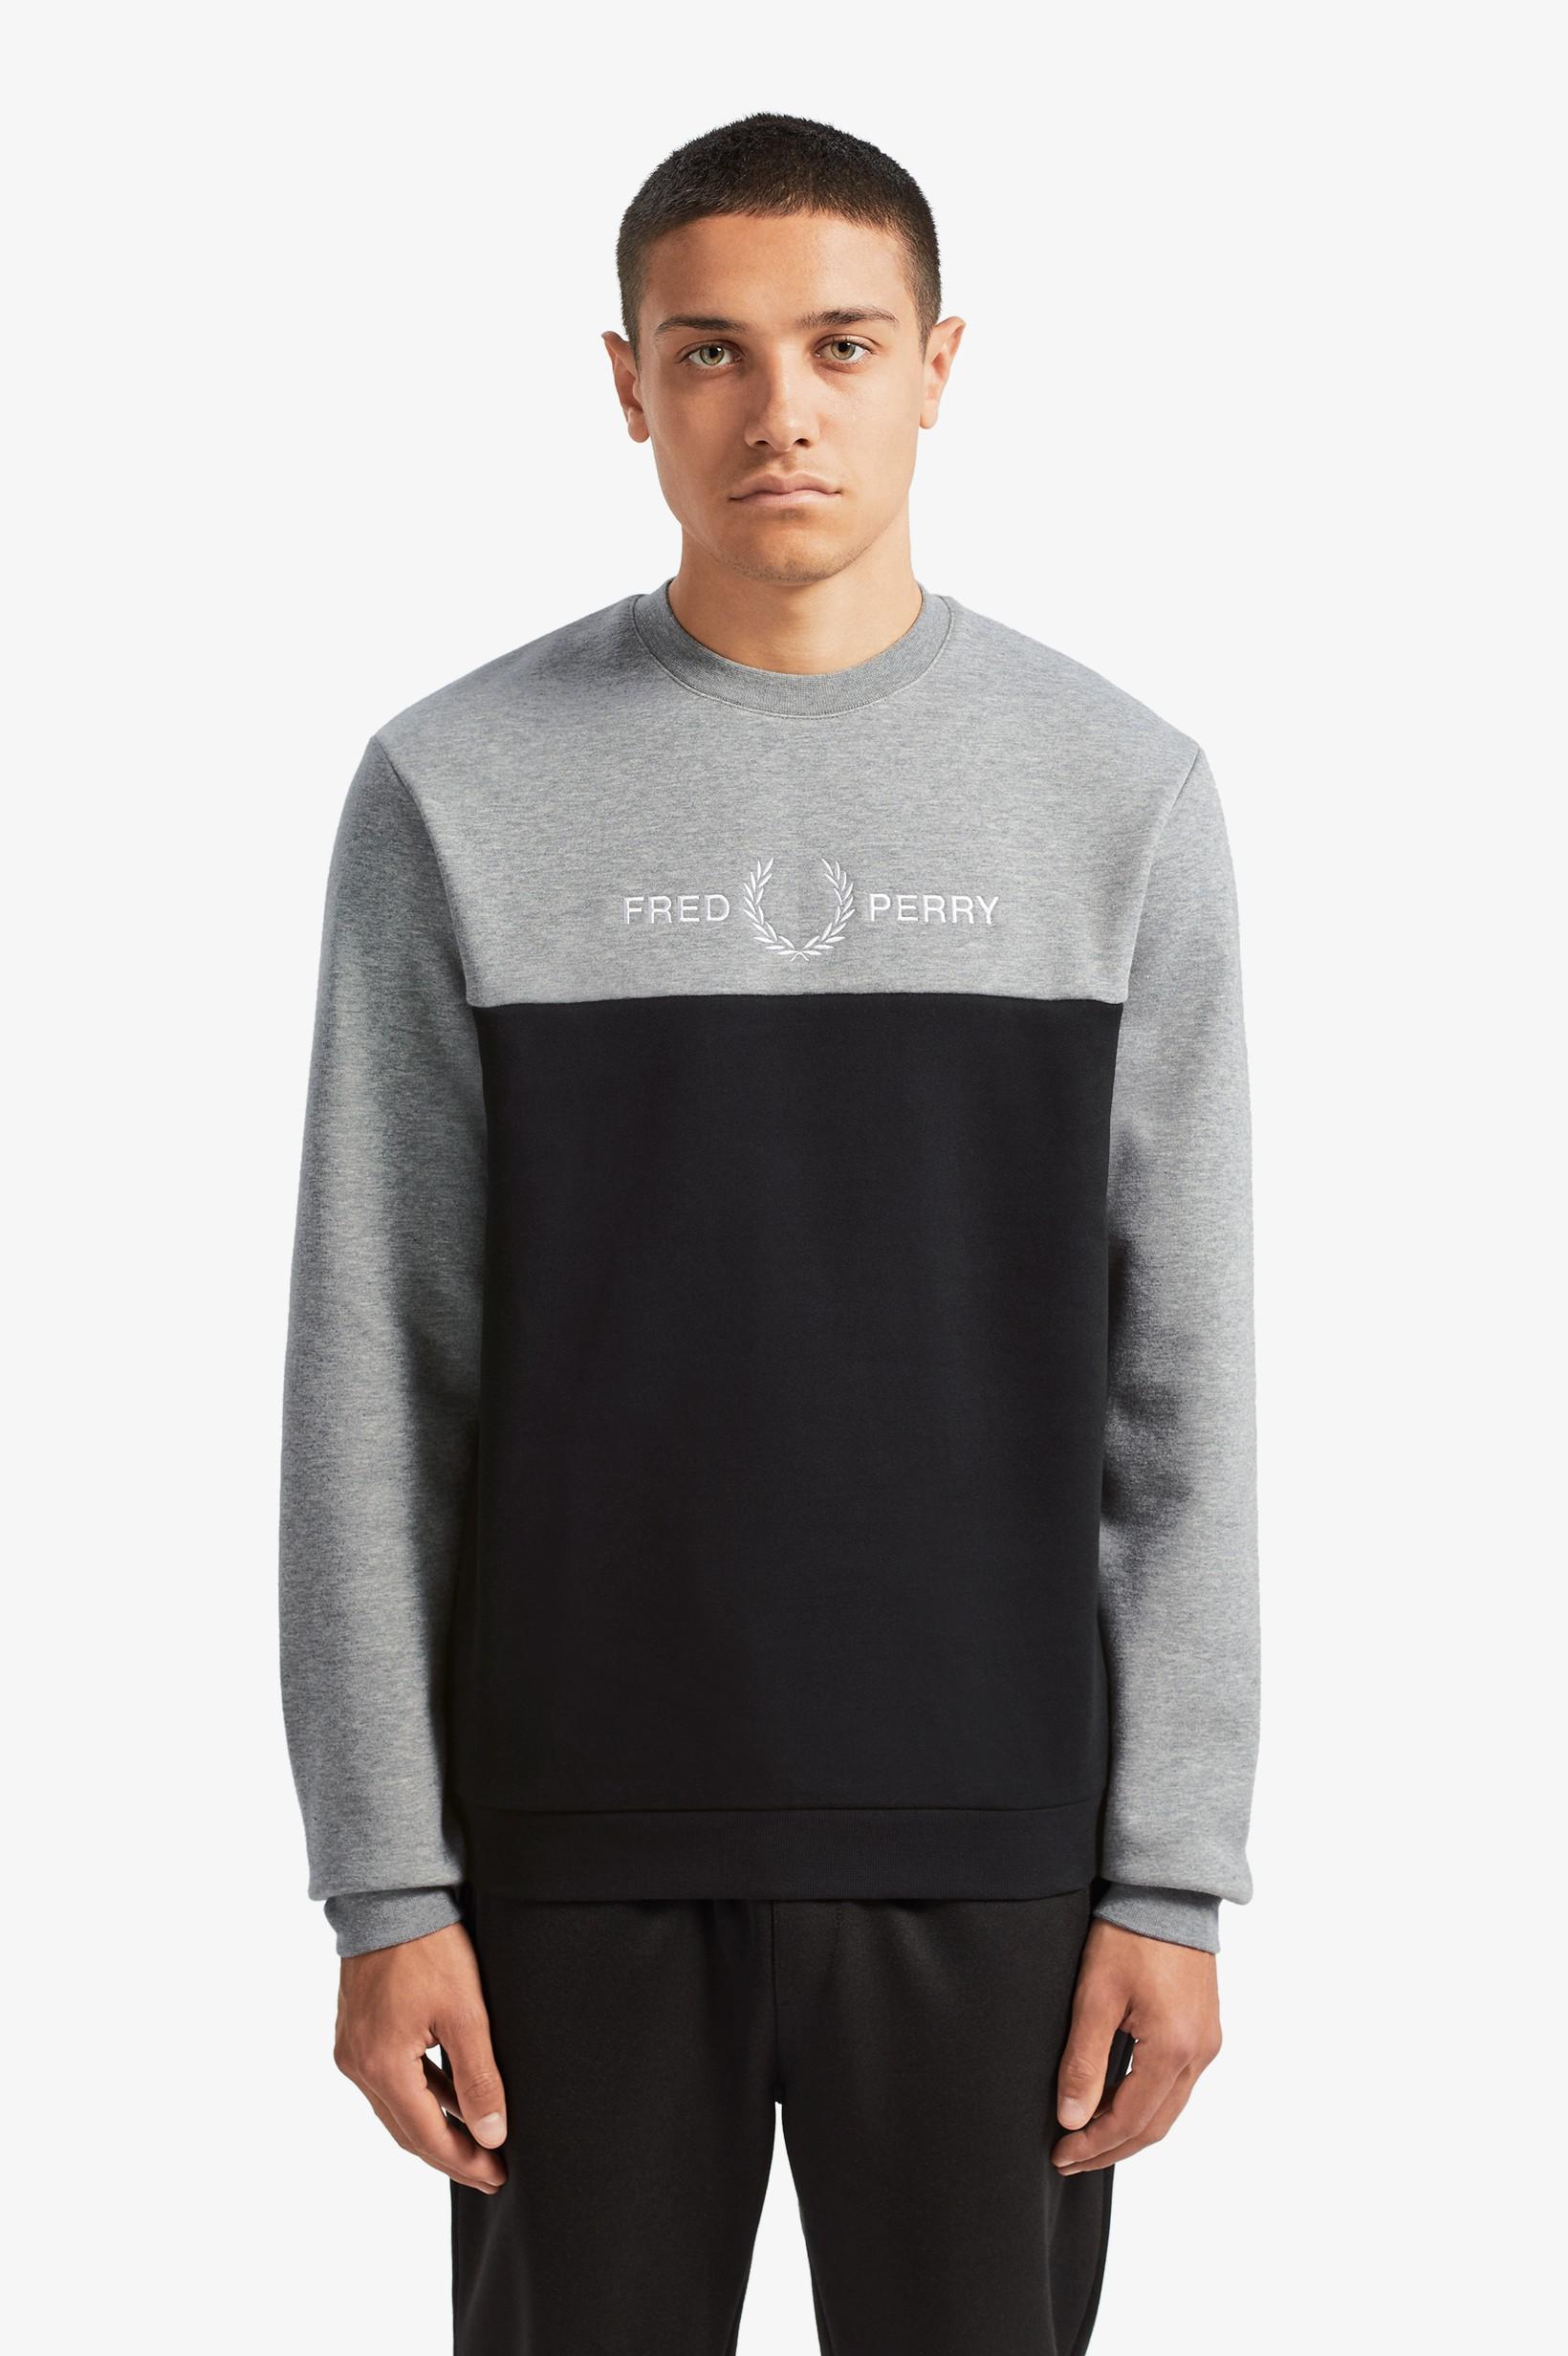 Fred Perry Miesten Collegepusero, Block Graphic Sweatshirt Keskiharmaa